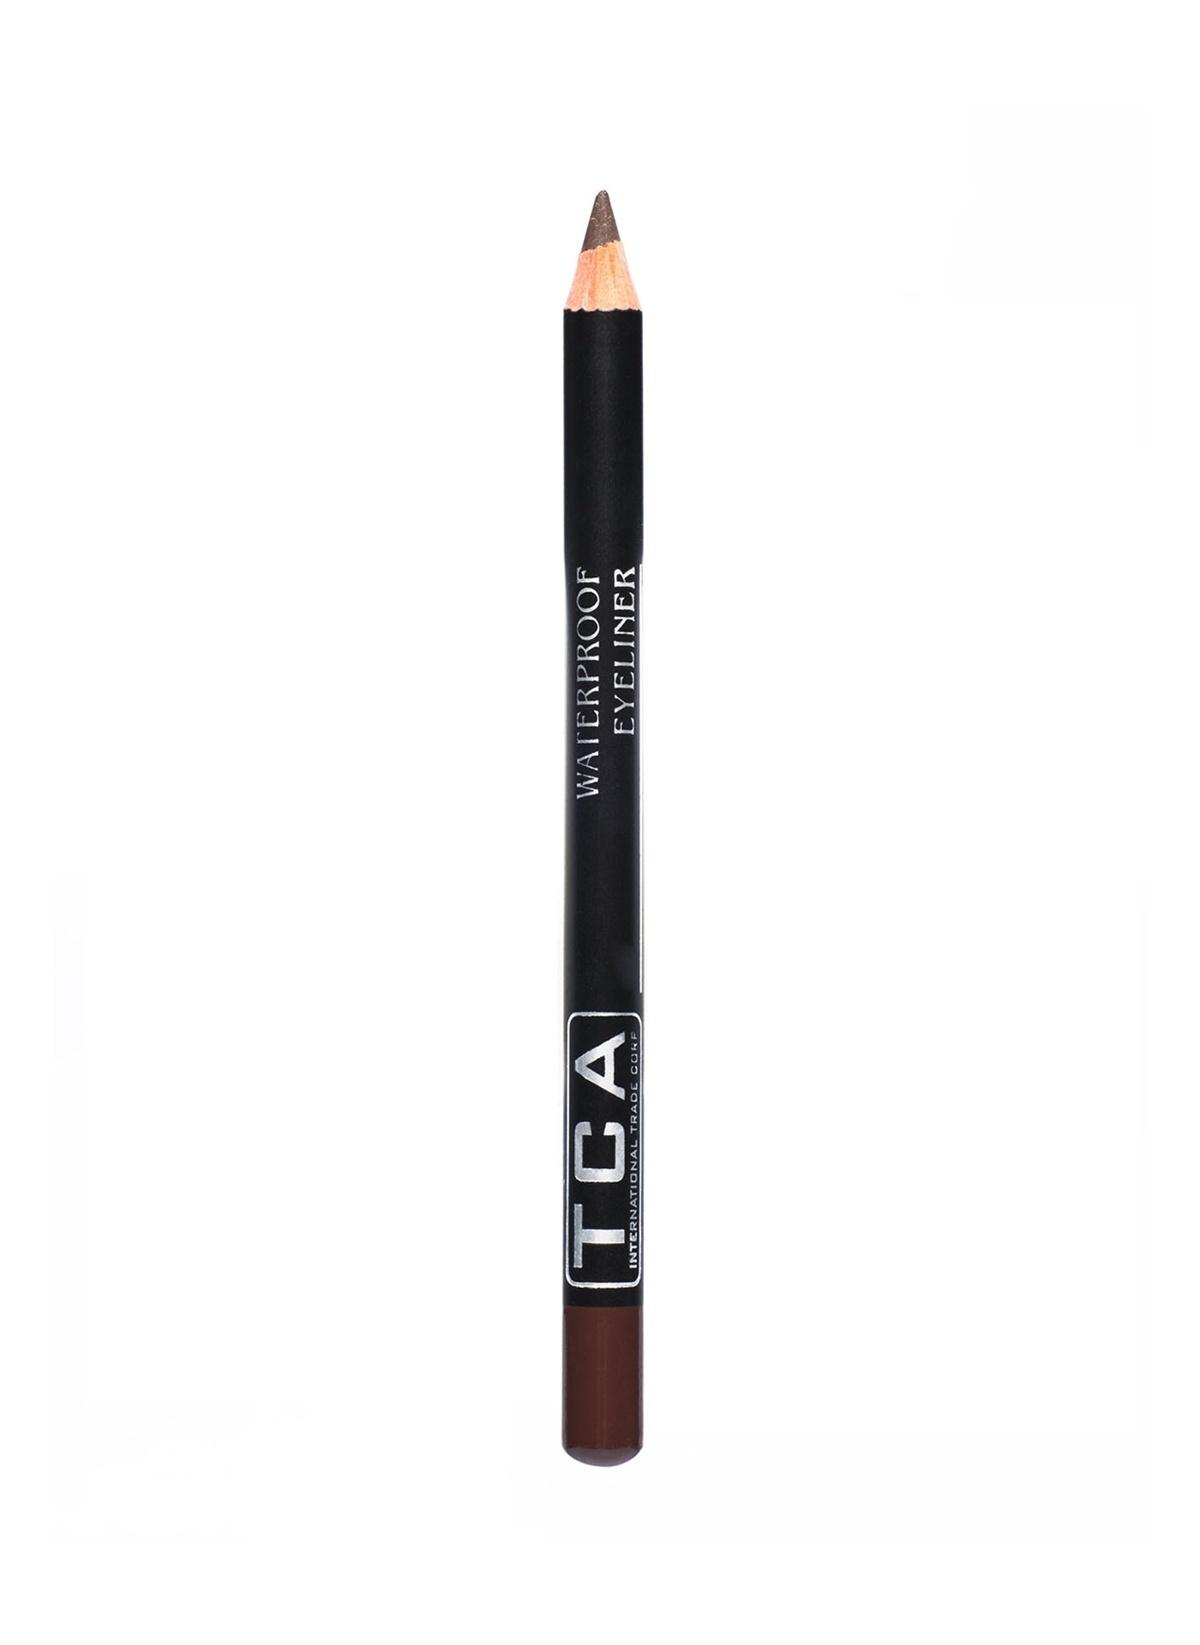 Tca Studio Make Up Waterproof Eyeliner – Dark Brown Tca Studıo Make-up Waterproof Eyelıner – – 9.99 TL